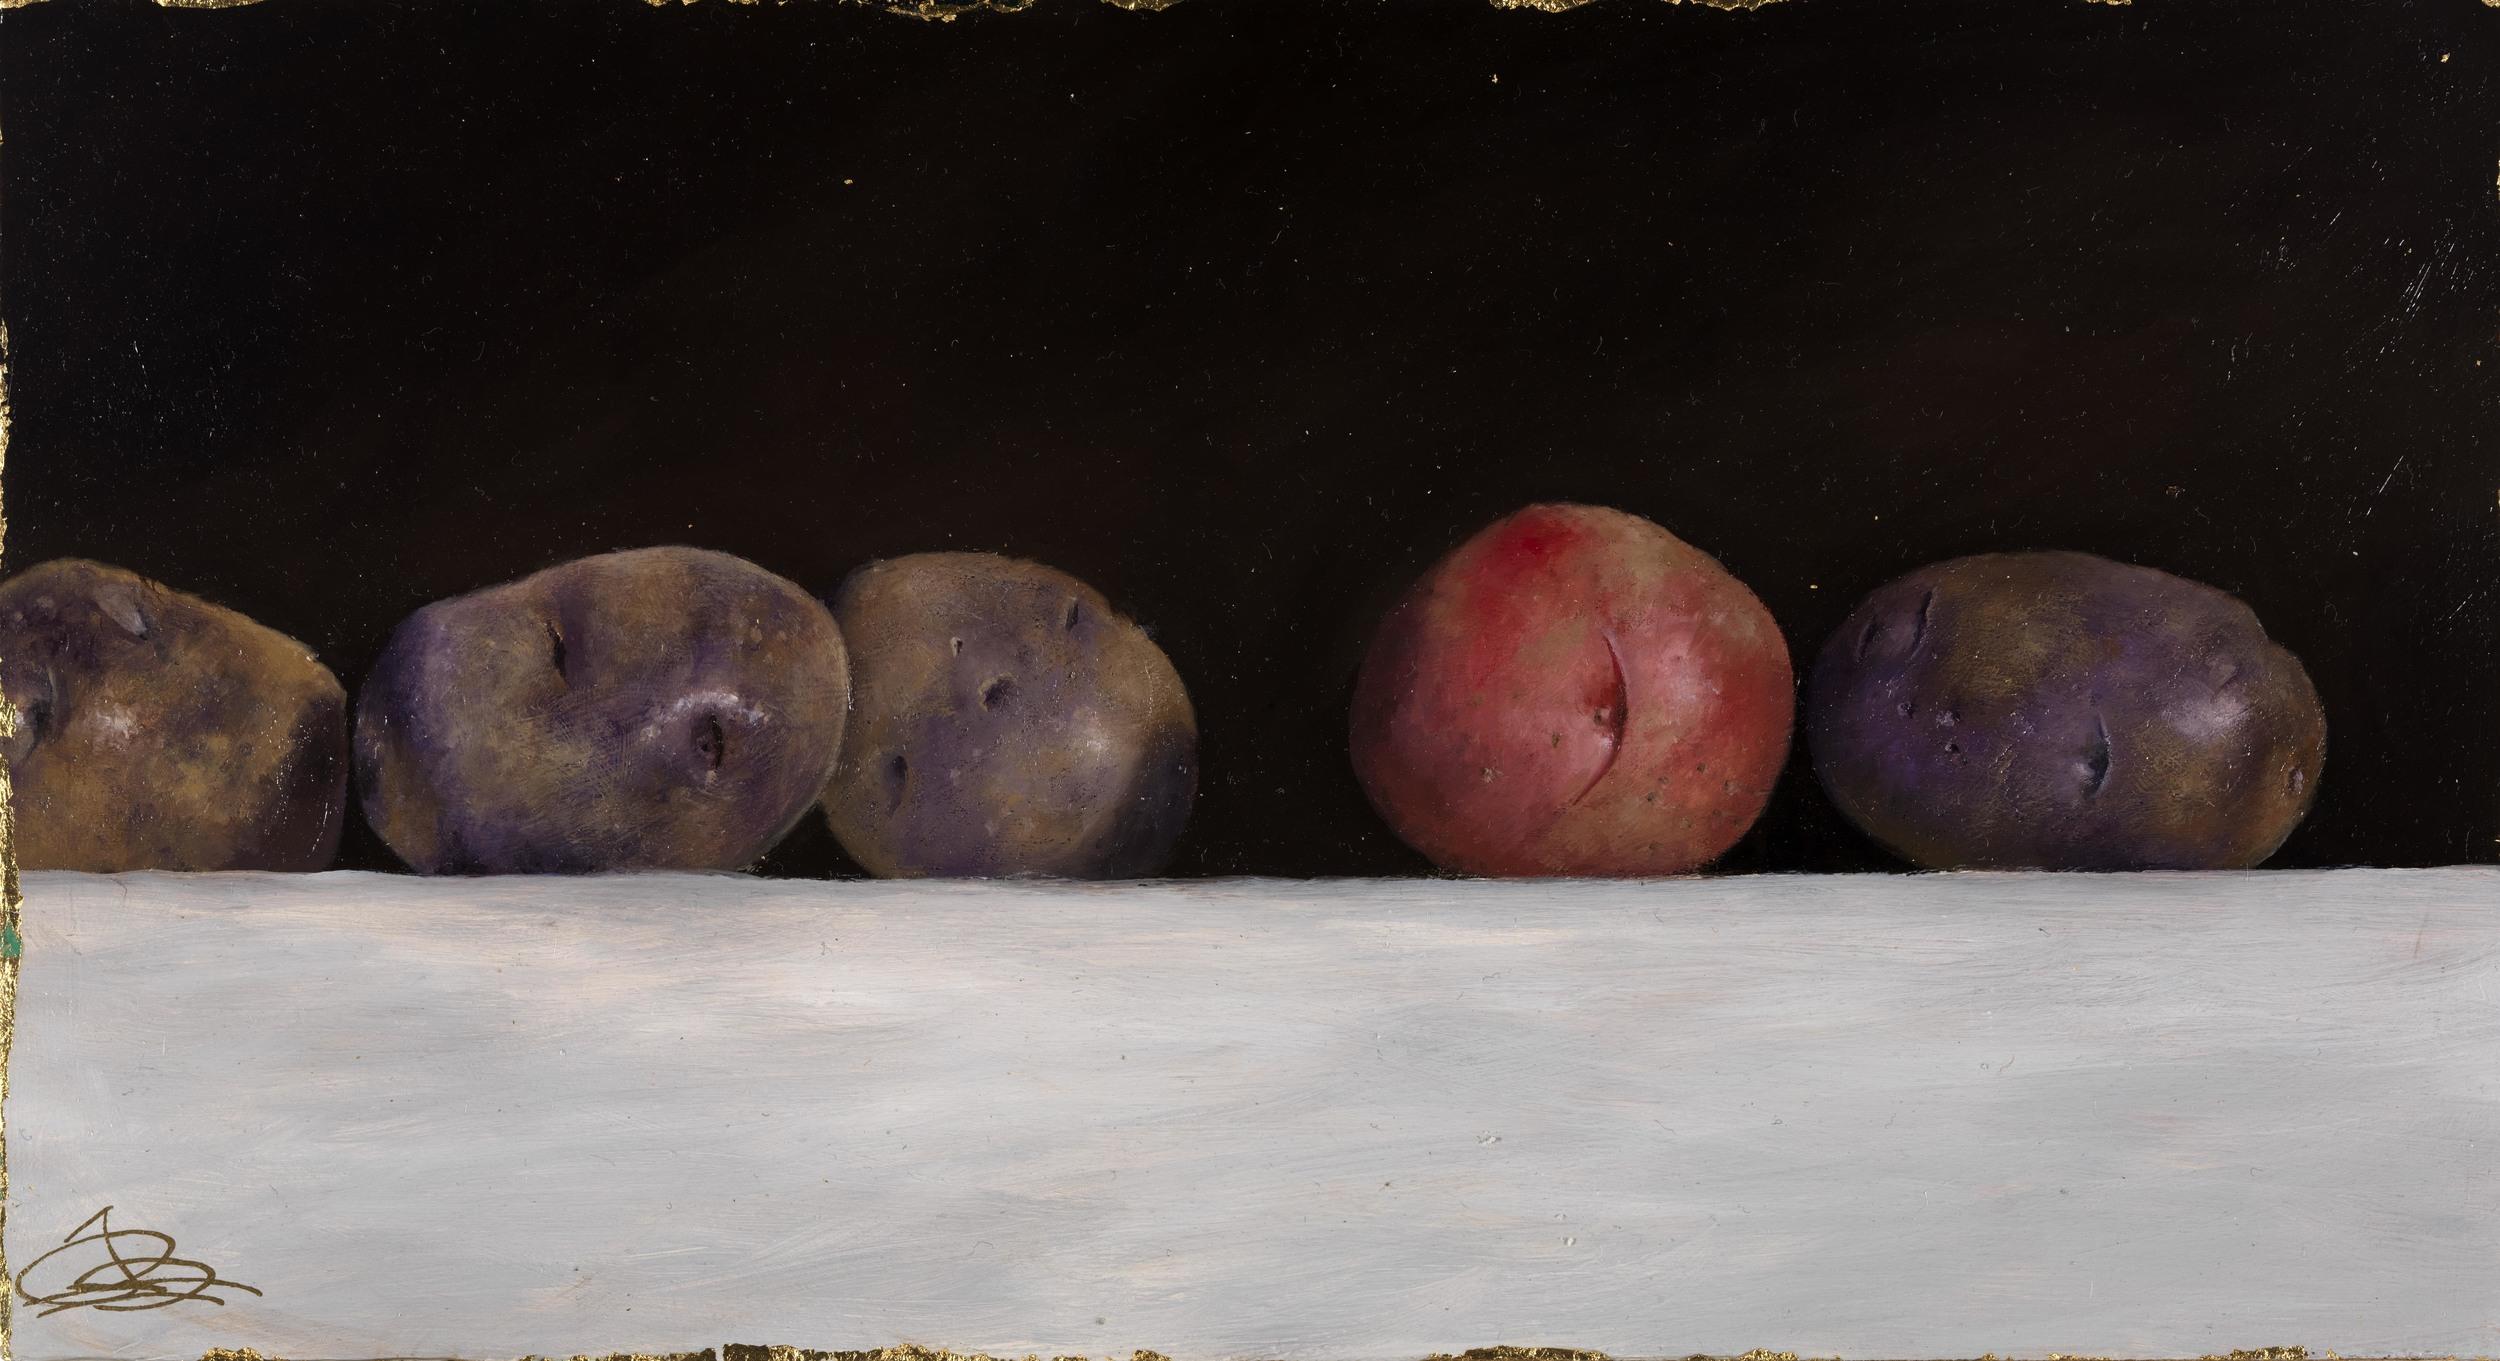 New Potatoes, Lala's Garden, VT